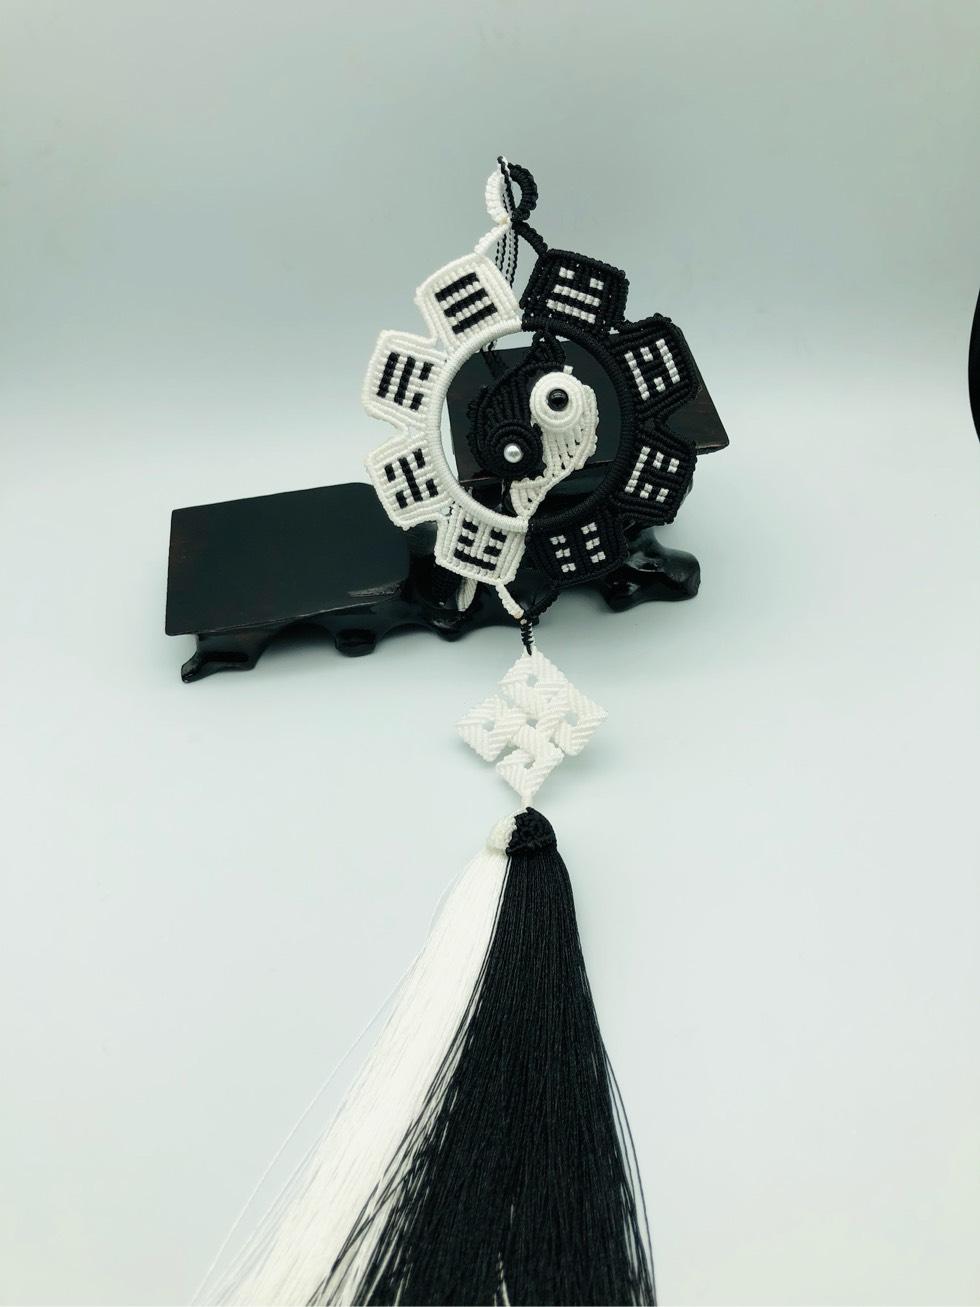 中国结论坛 黑与白 黑与白歌曲,白的还是黑的什么意思,黑与白之间的关系,黑与白是我们的距离 作品展示 222800edfdqgd8vbve2e2p